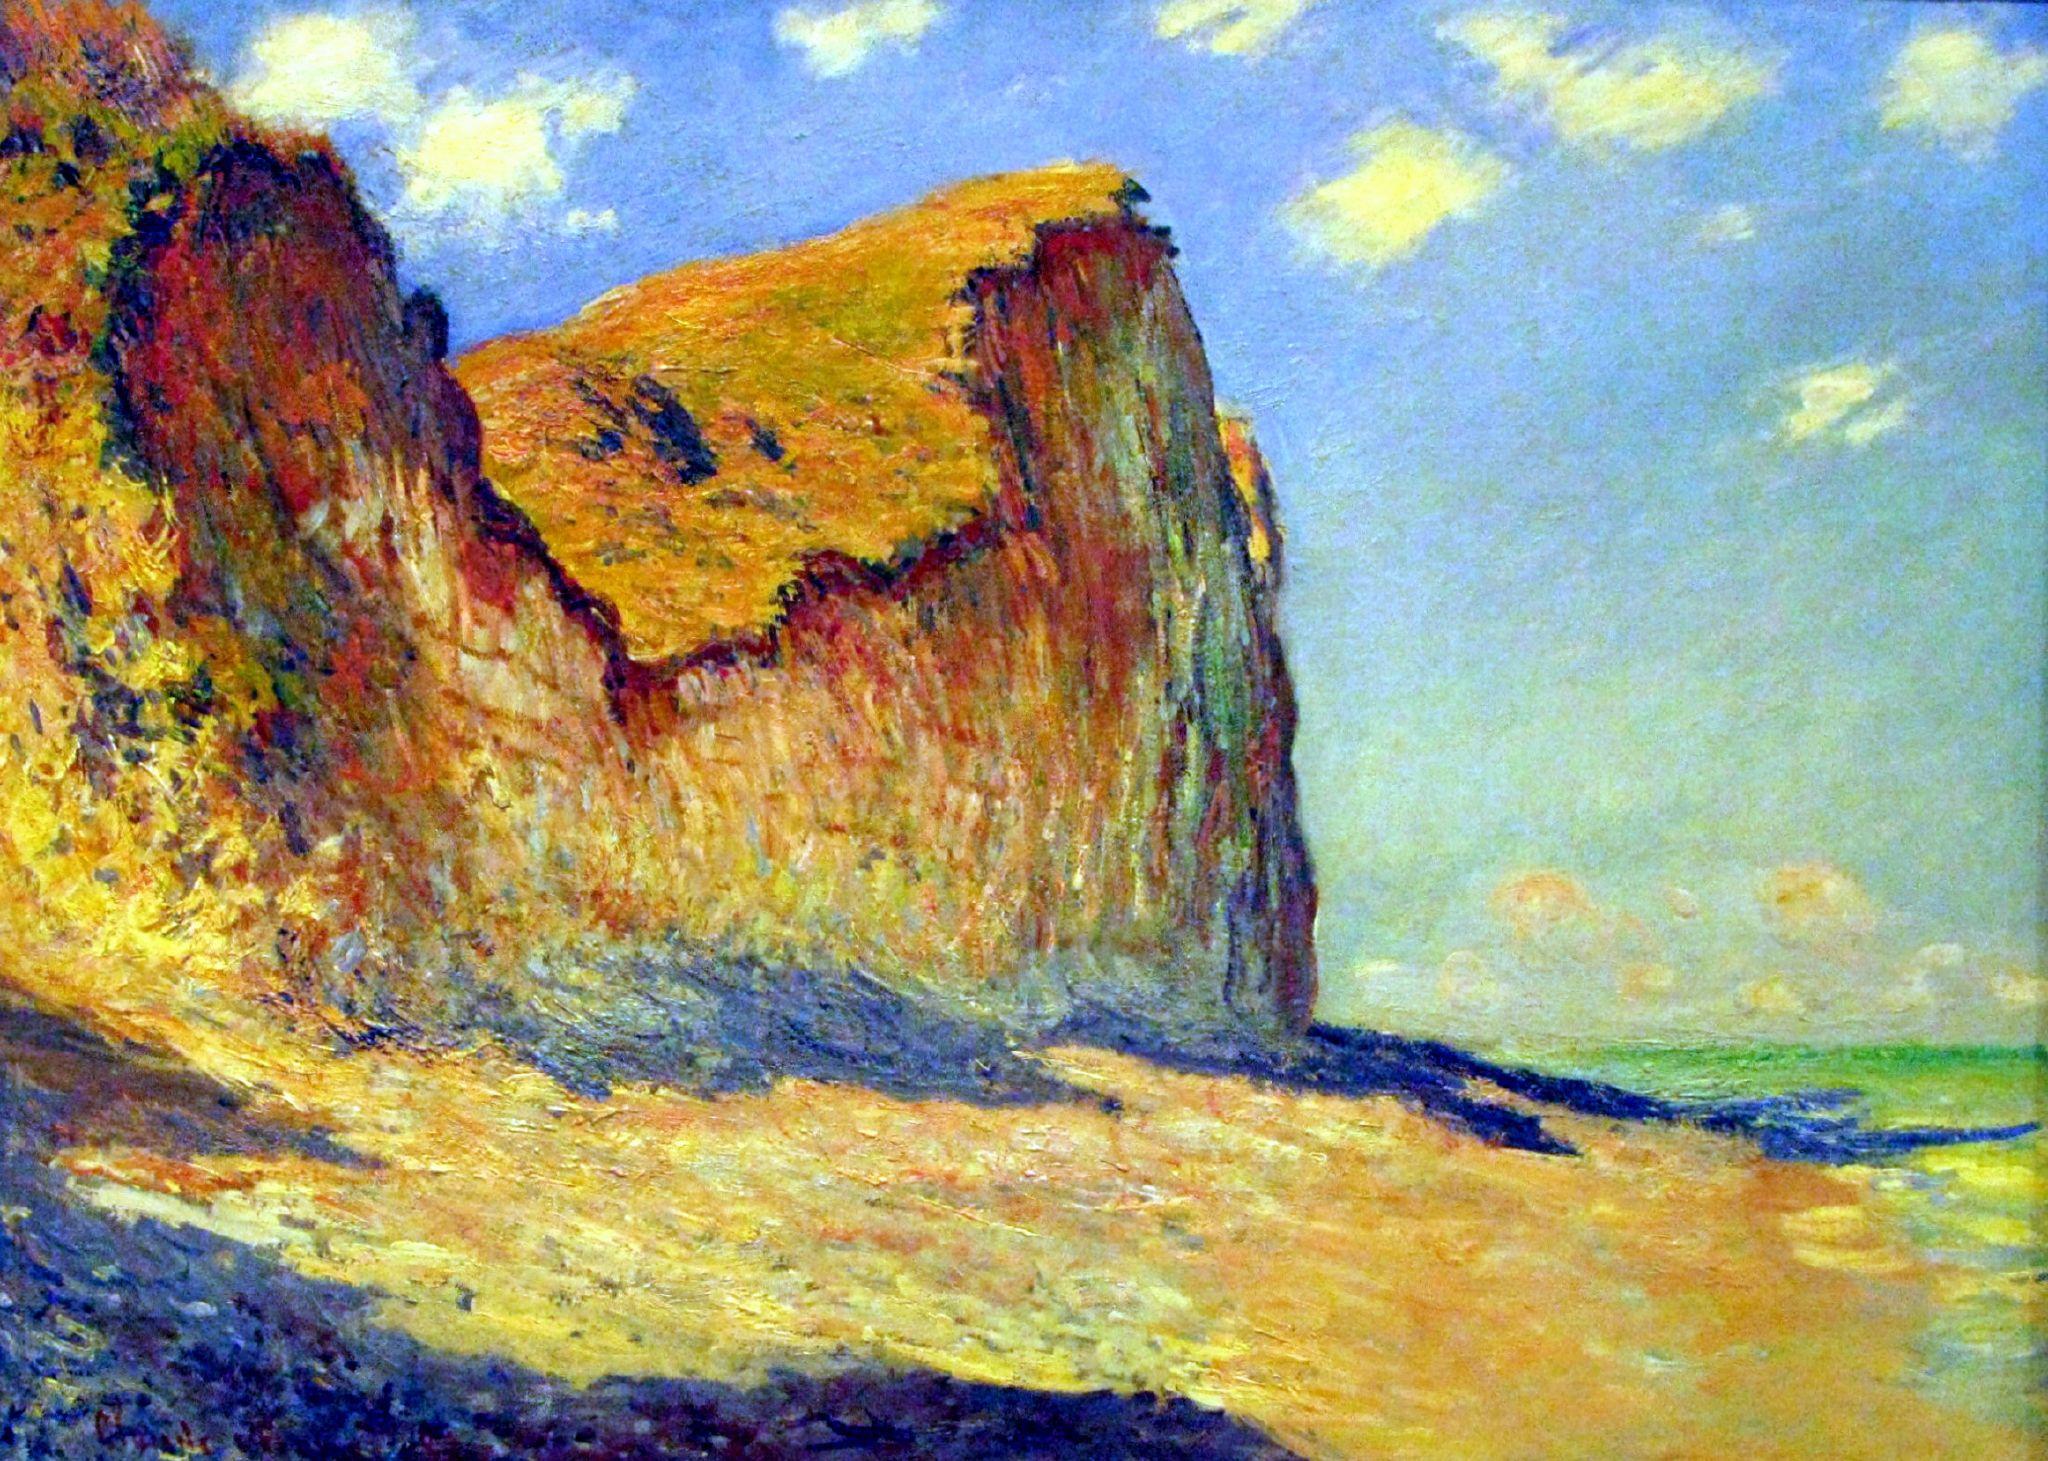 WLANL_-_andrevanb_-_Falaises_près_de_Pourville,_Claude_Monet,_1882